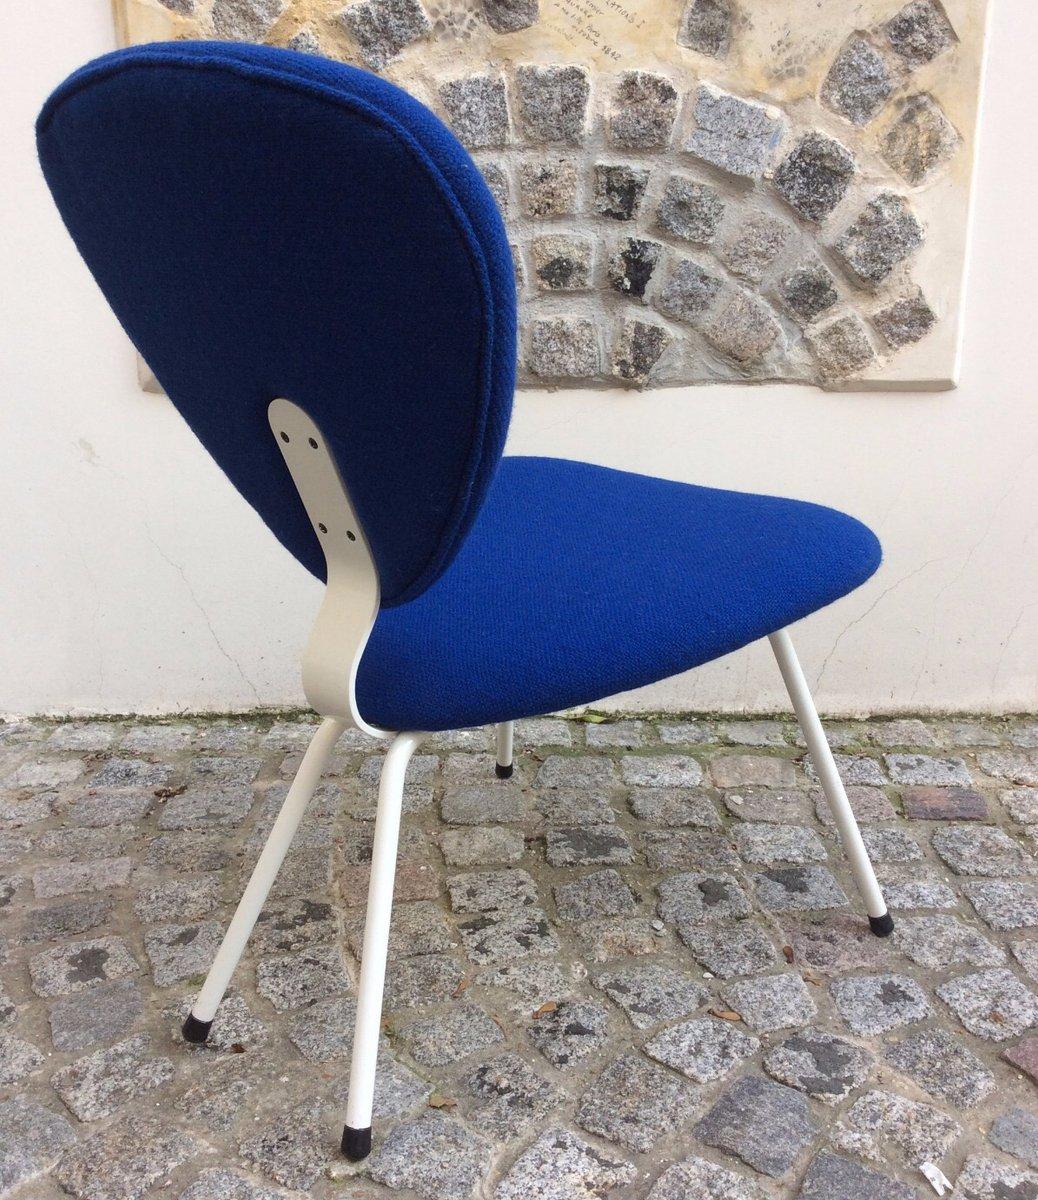 Niederländische Schwarz Lackierte Vintage Stühle von Vega, 1970er ...